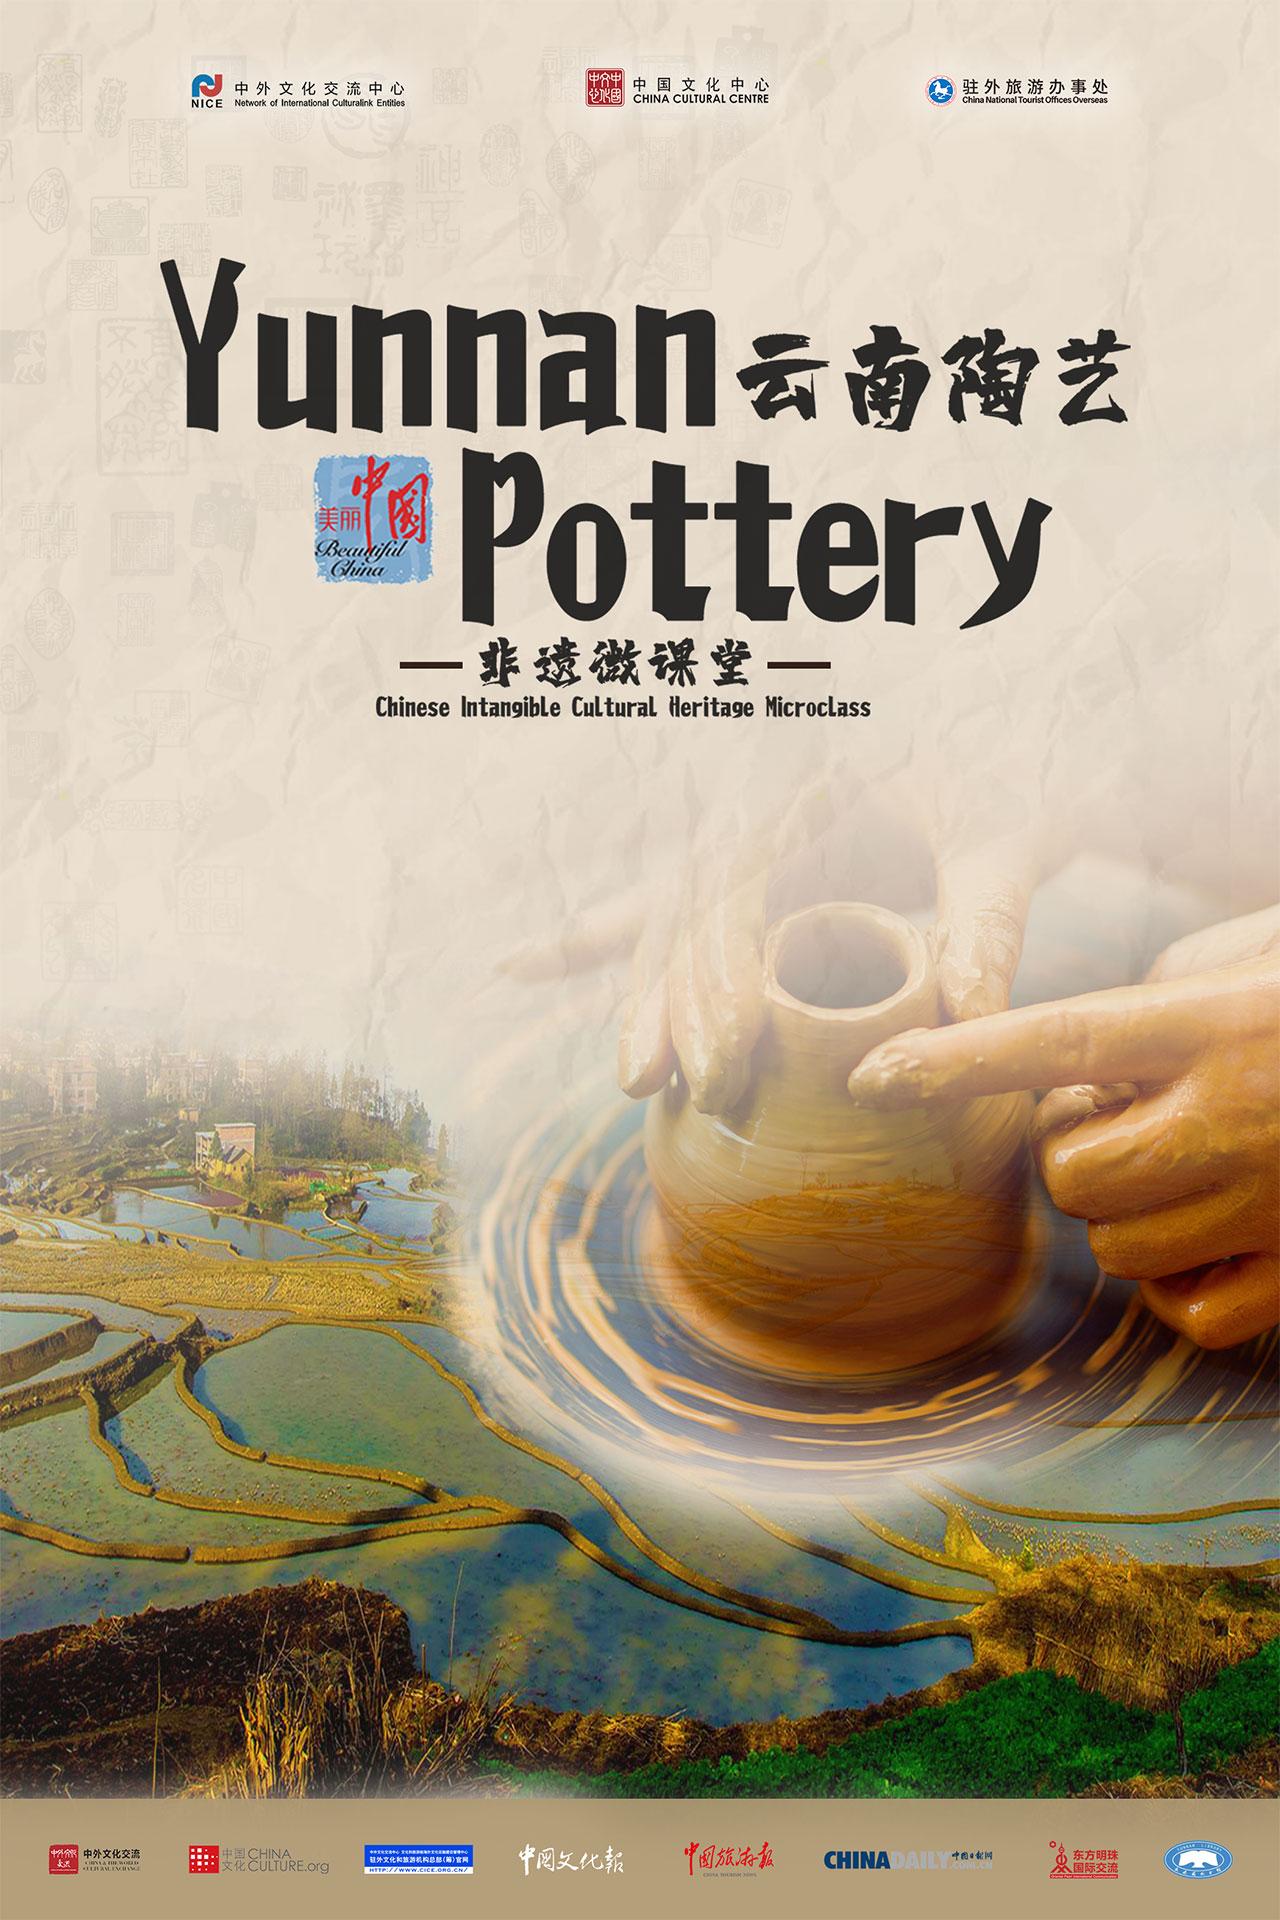 yunnanpottery